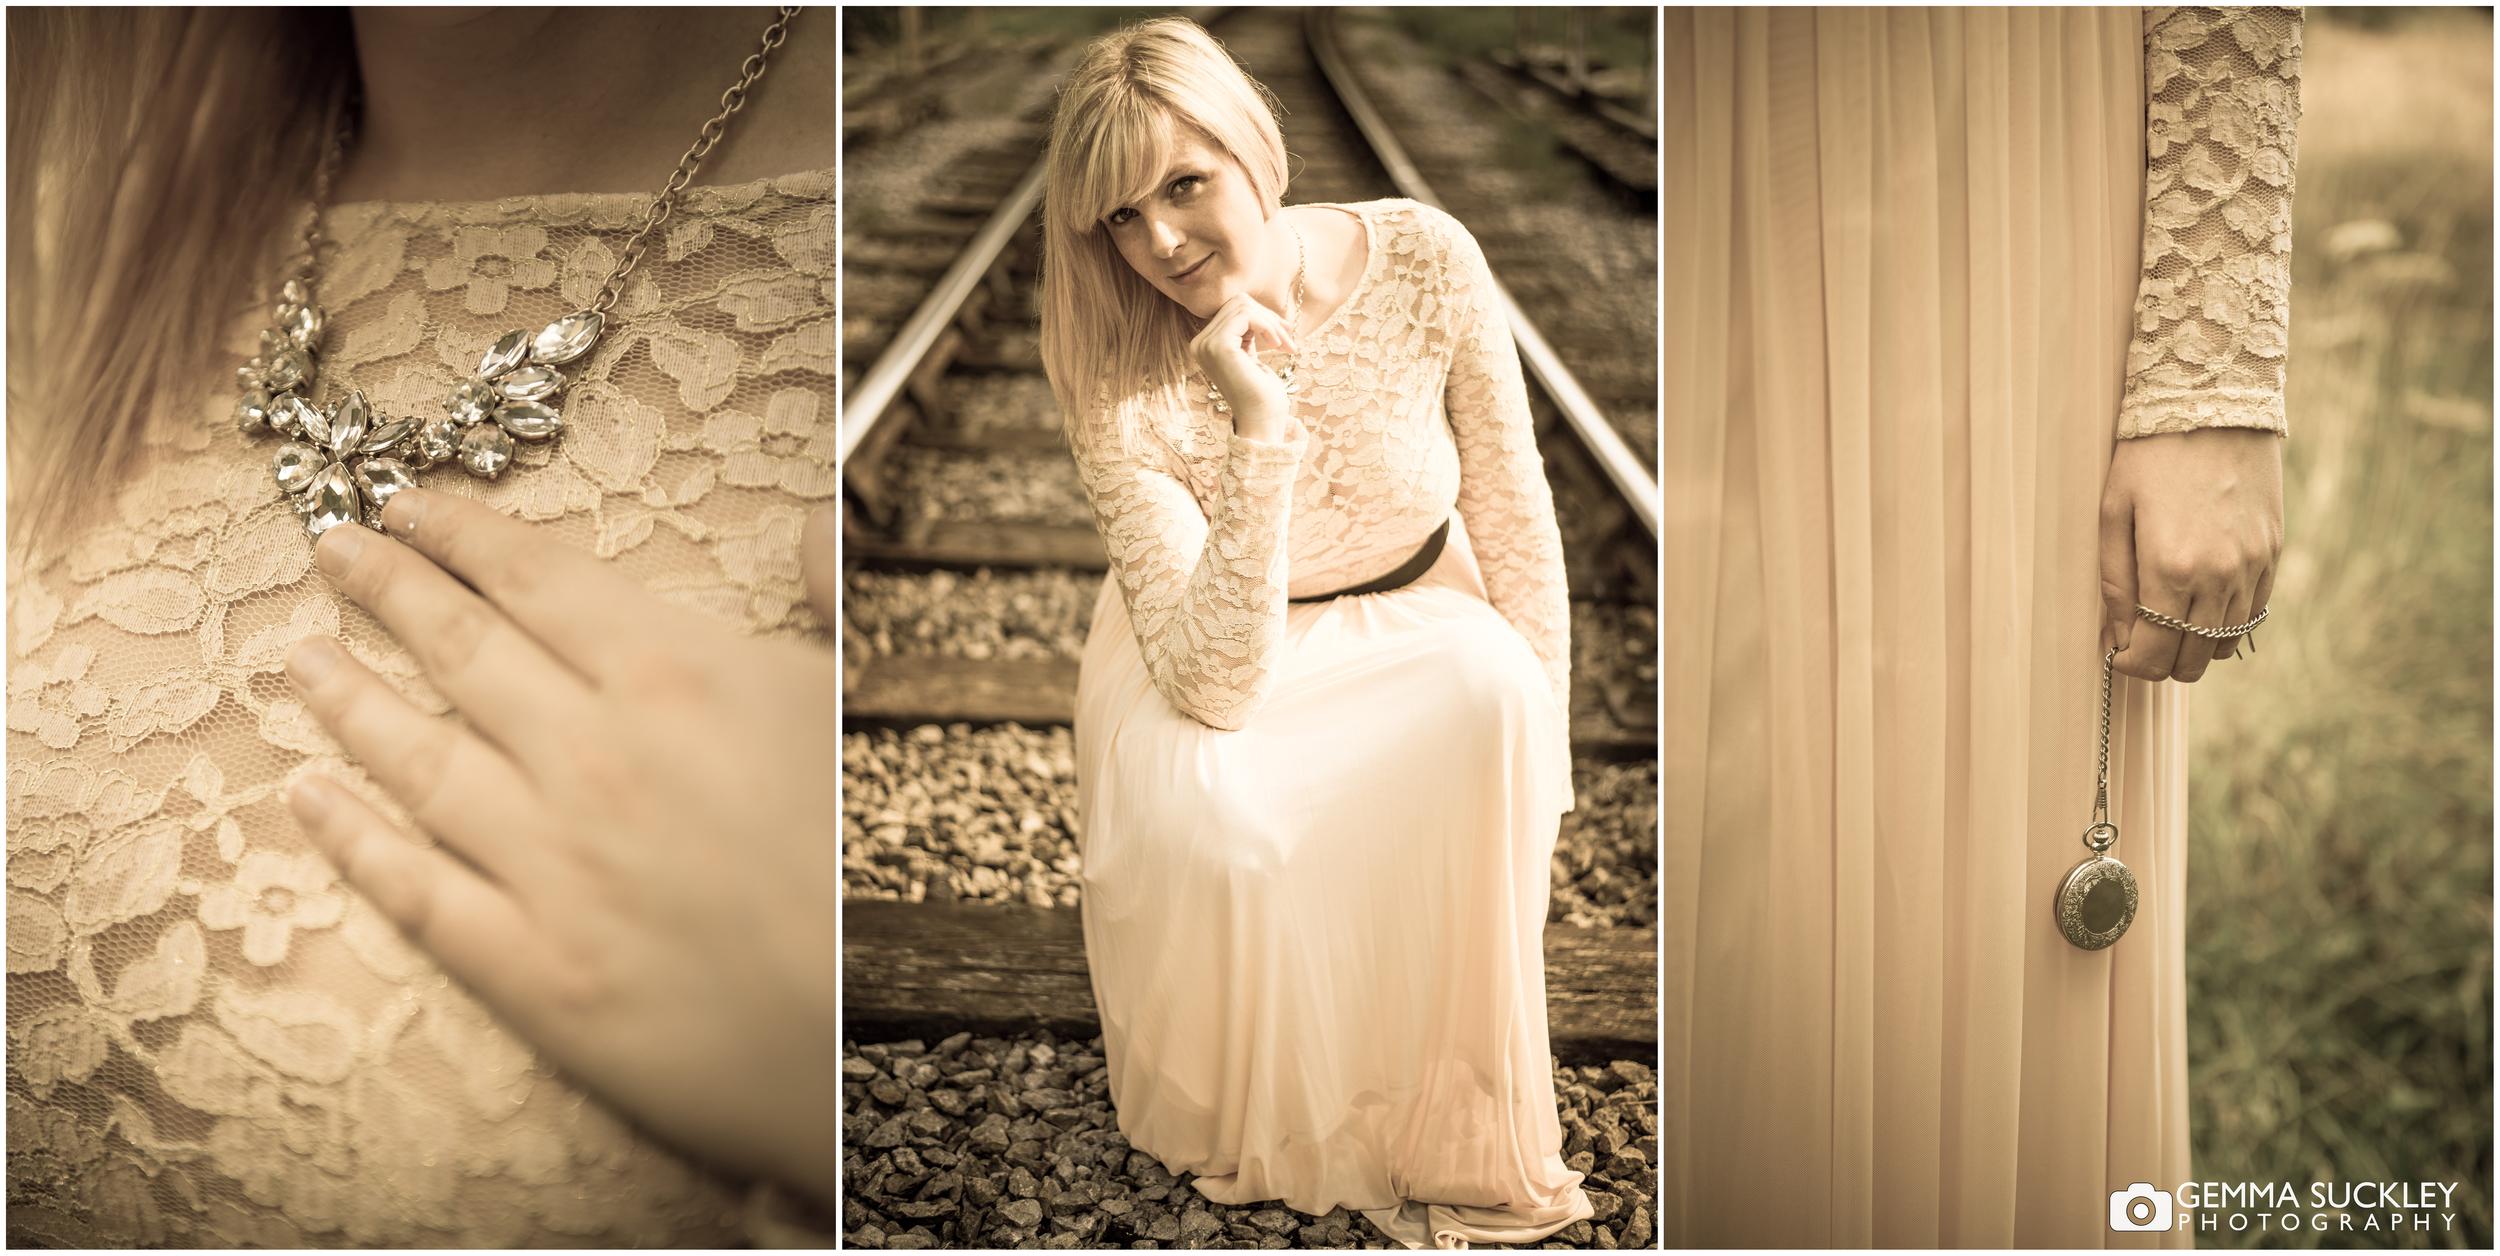 haworth-vintage-photo-shoot.jpg